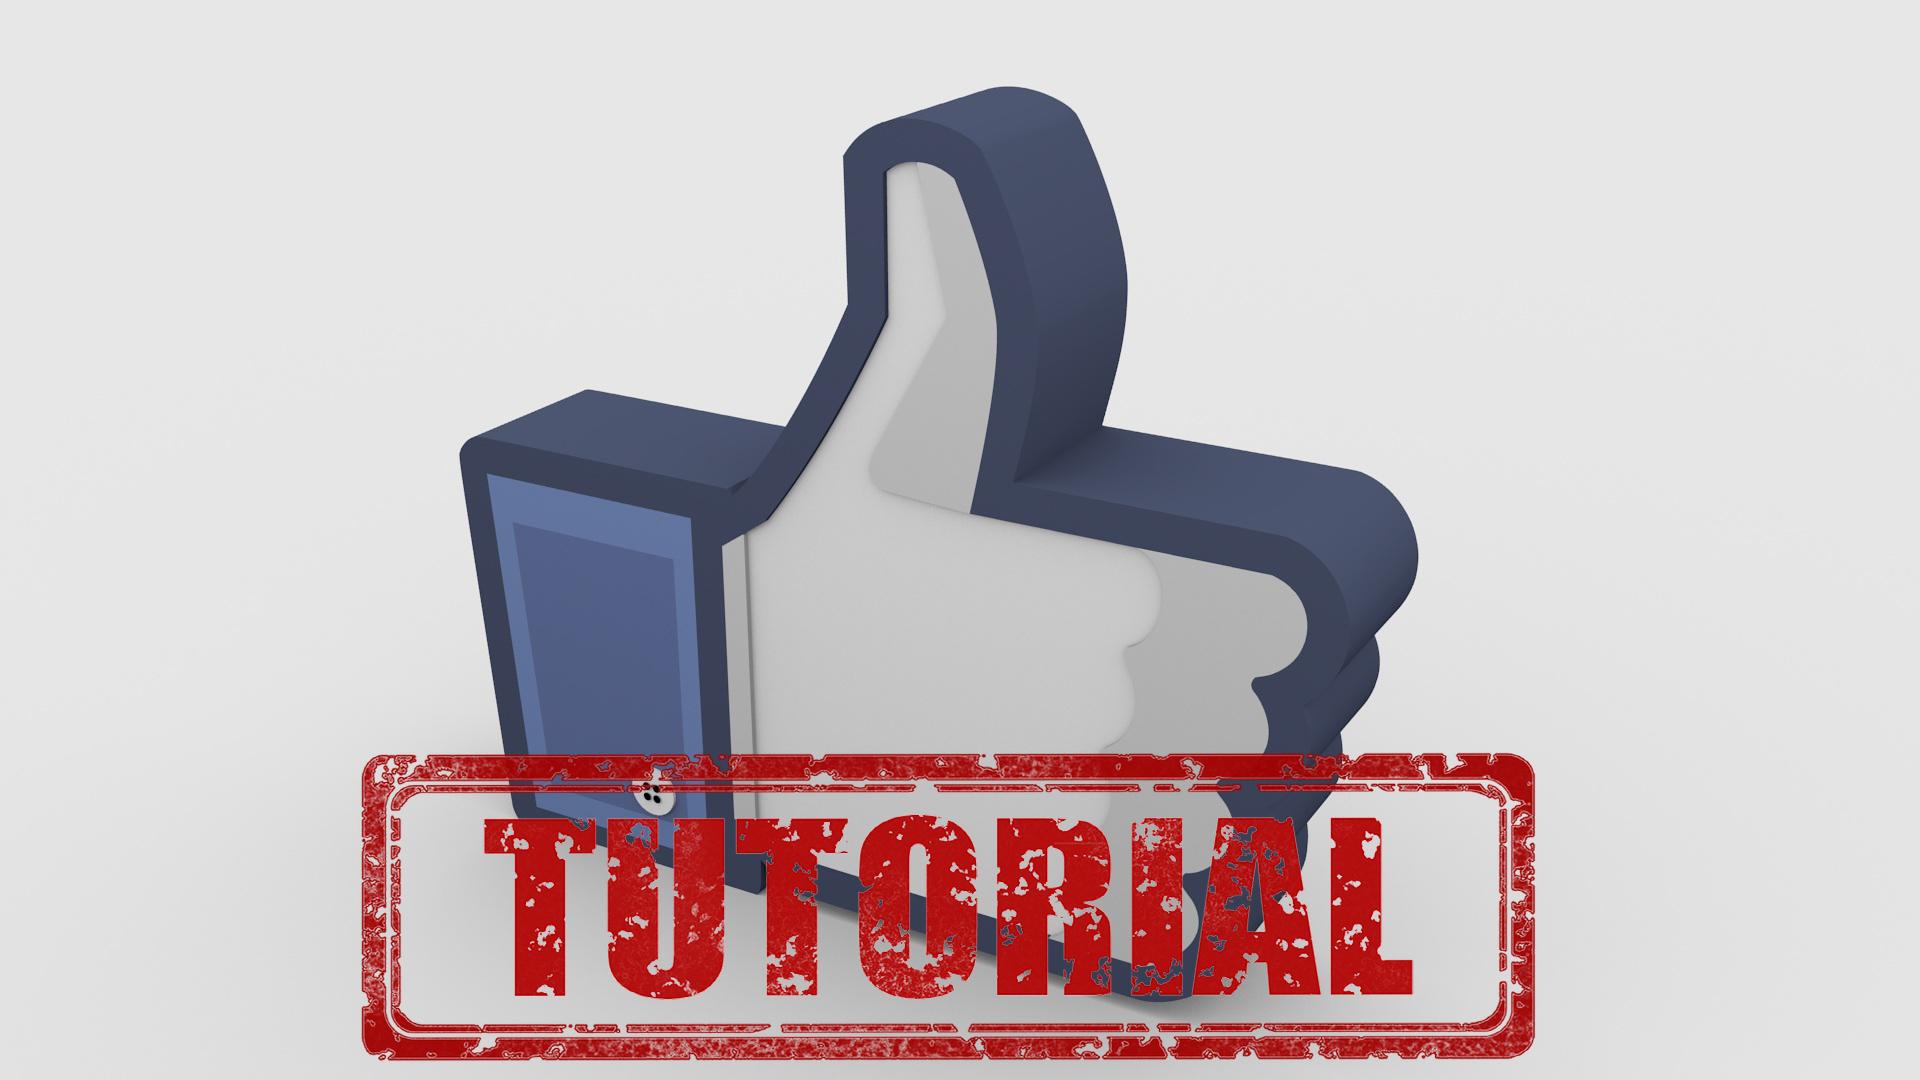 Zu ändern facebook likes verlieren ohne profilbild Facebook titelbild